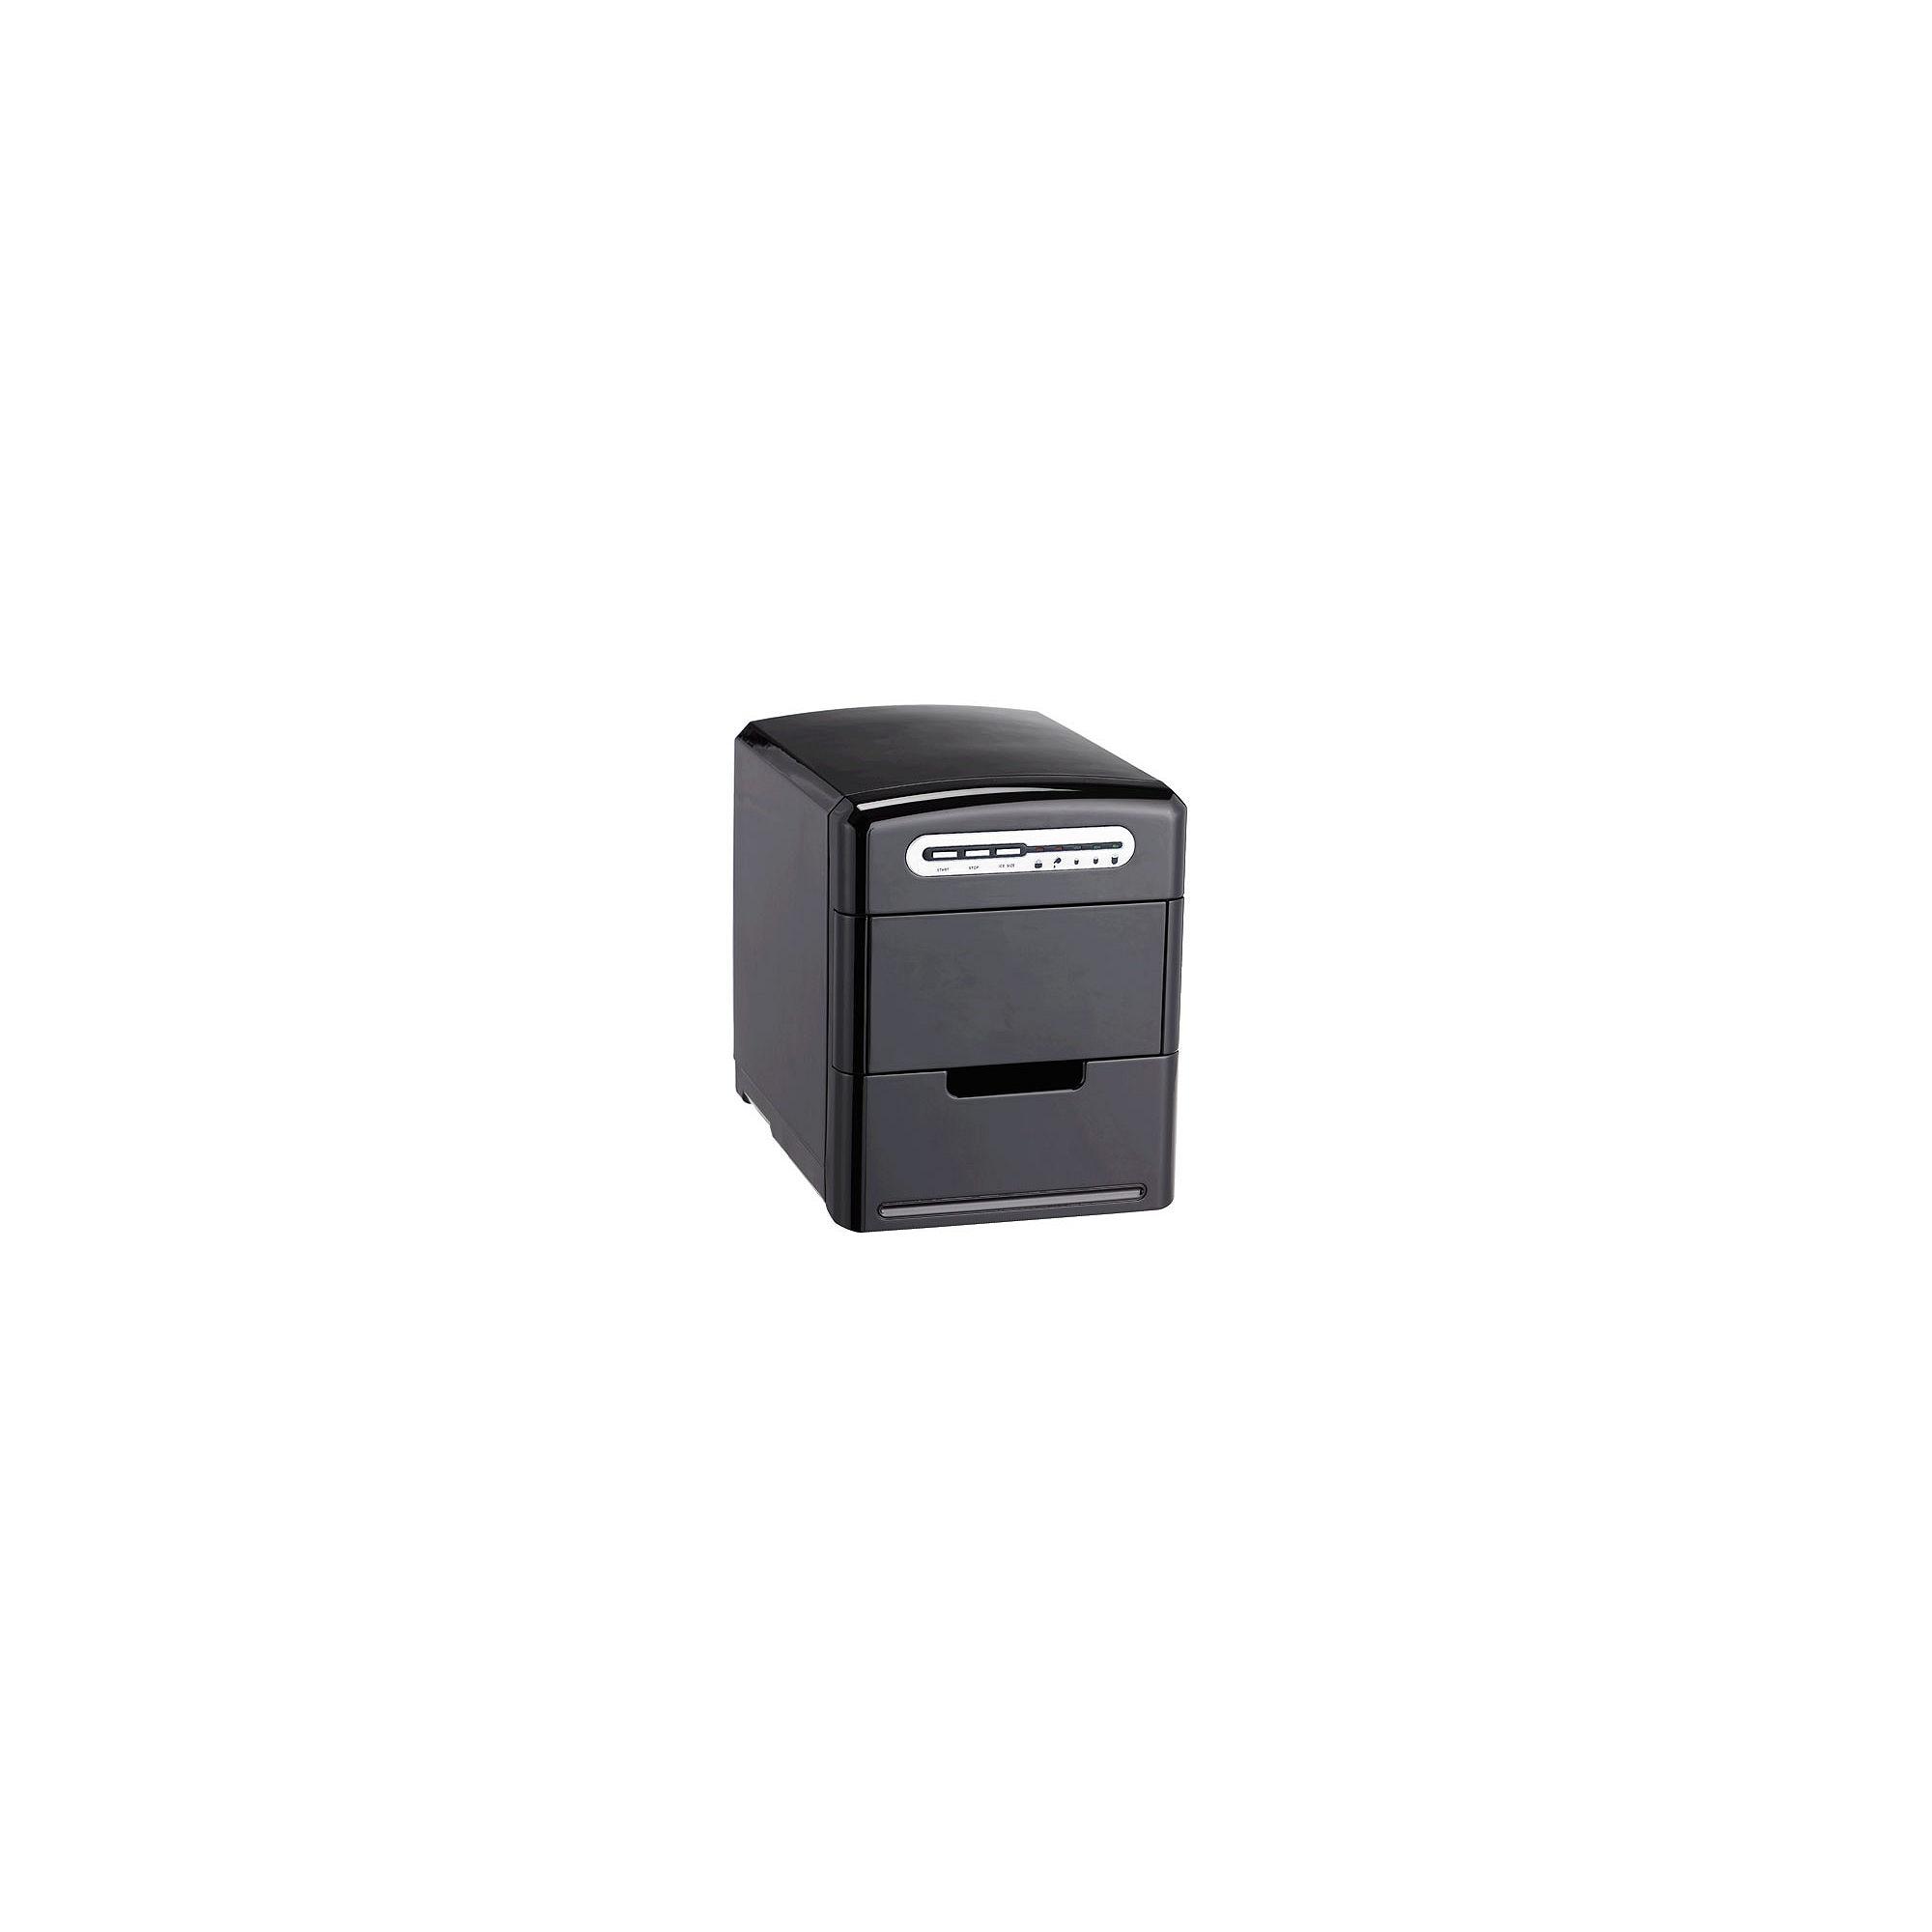 SPT IM-120B: Portable Ice Maker in Black